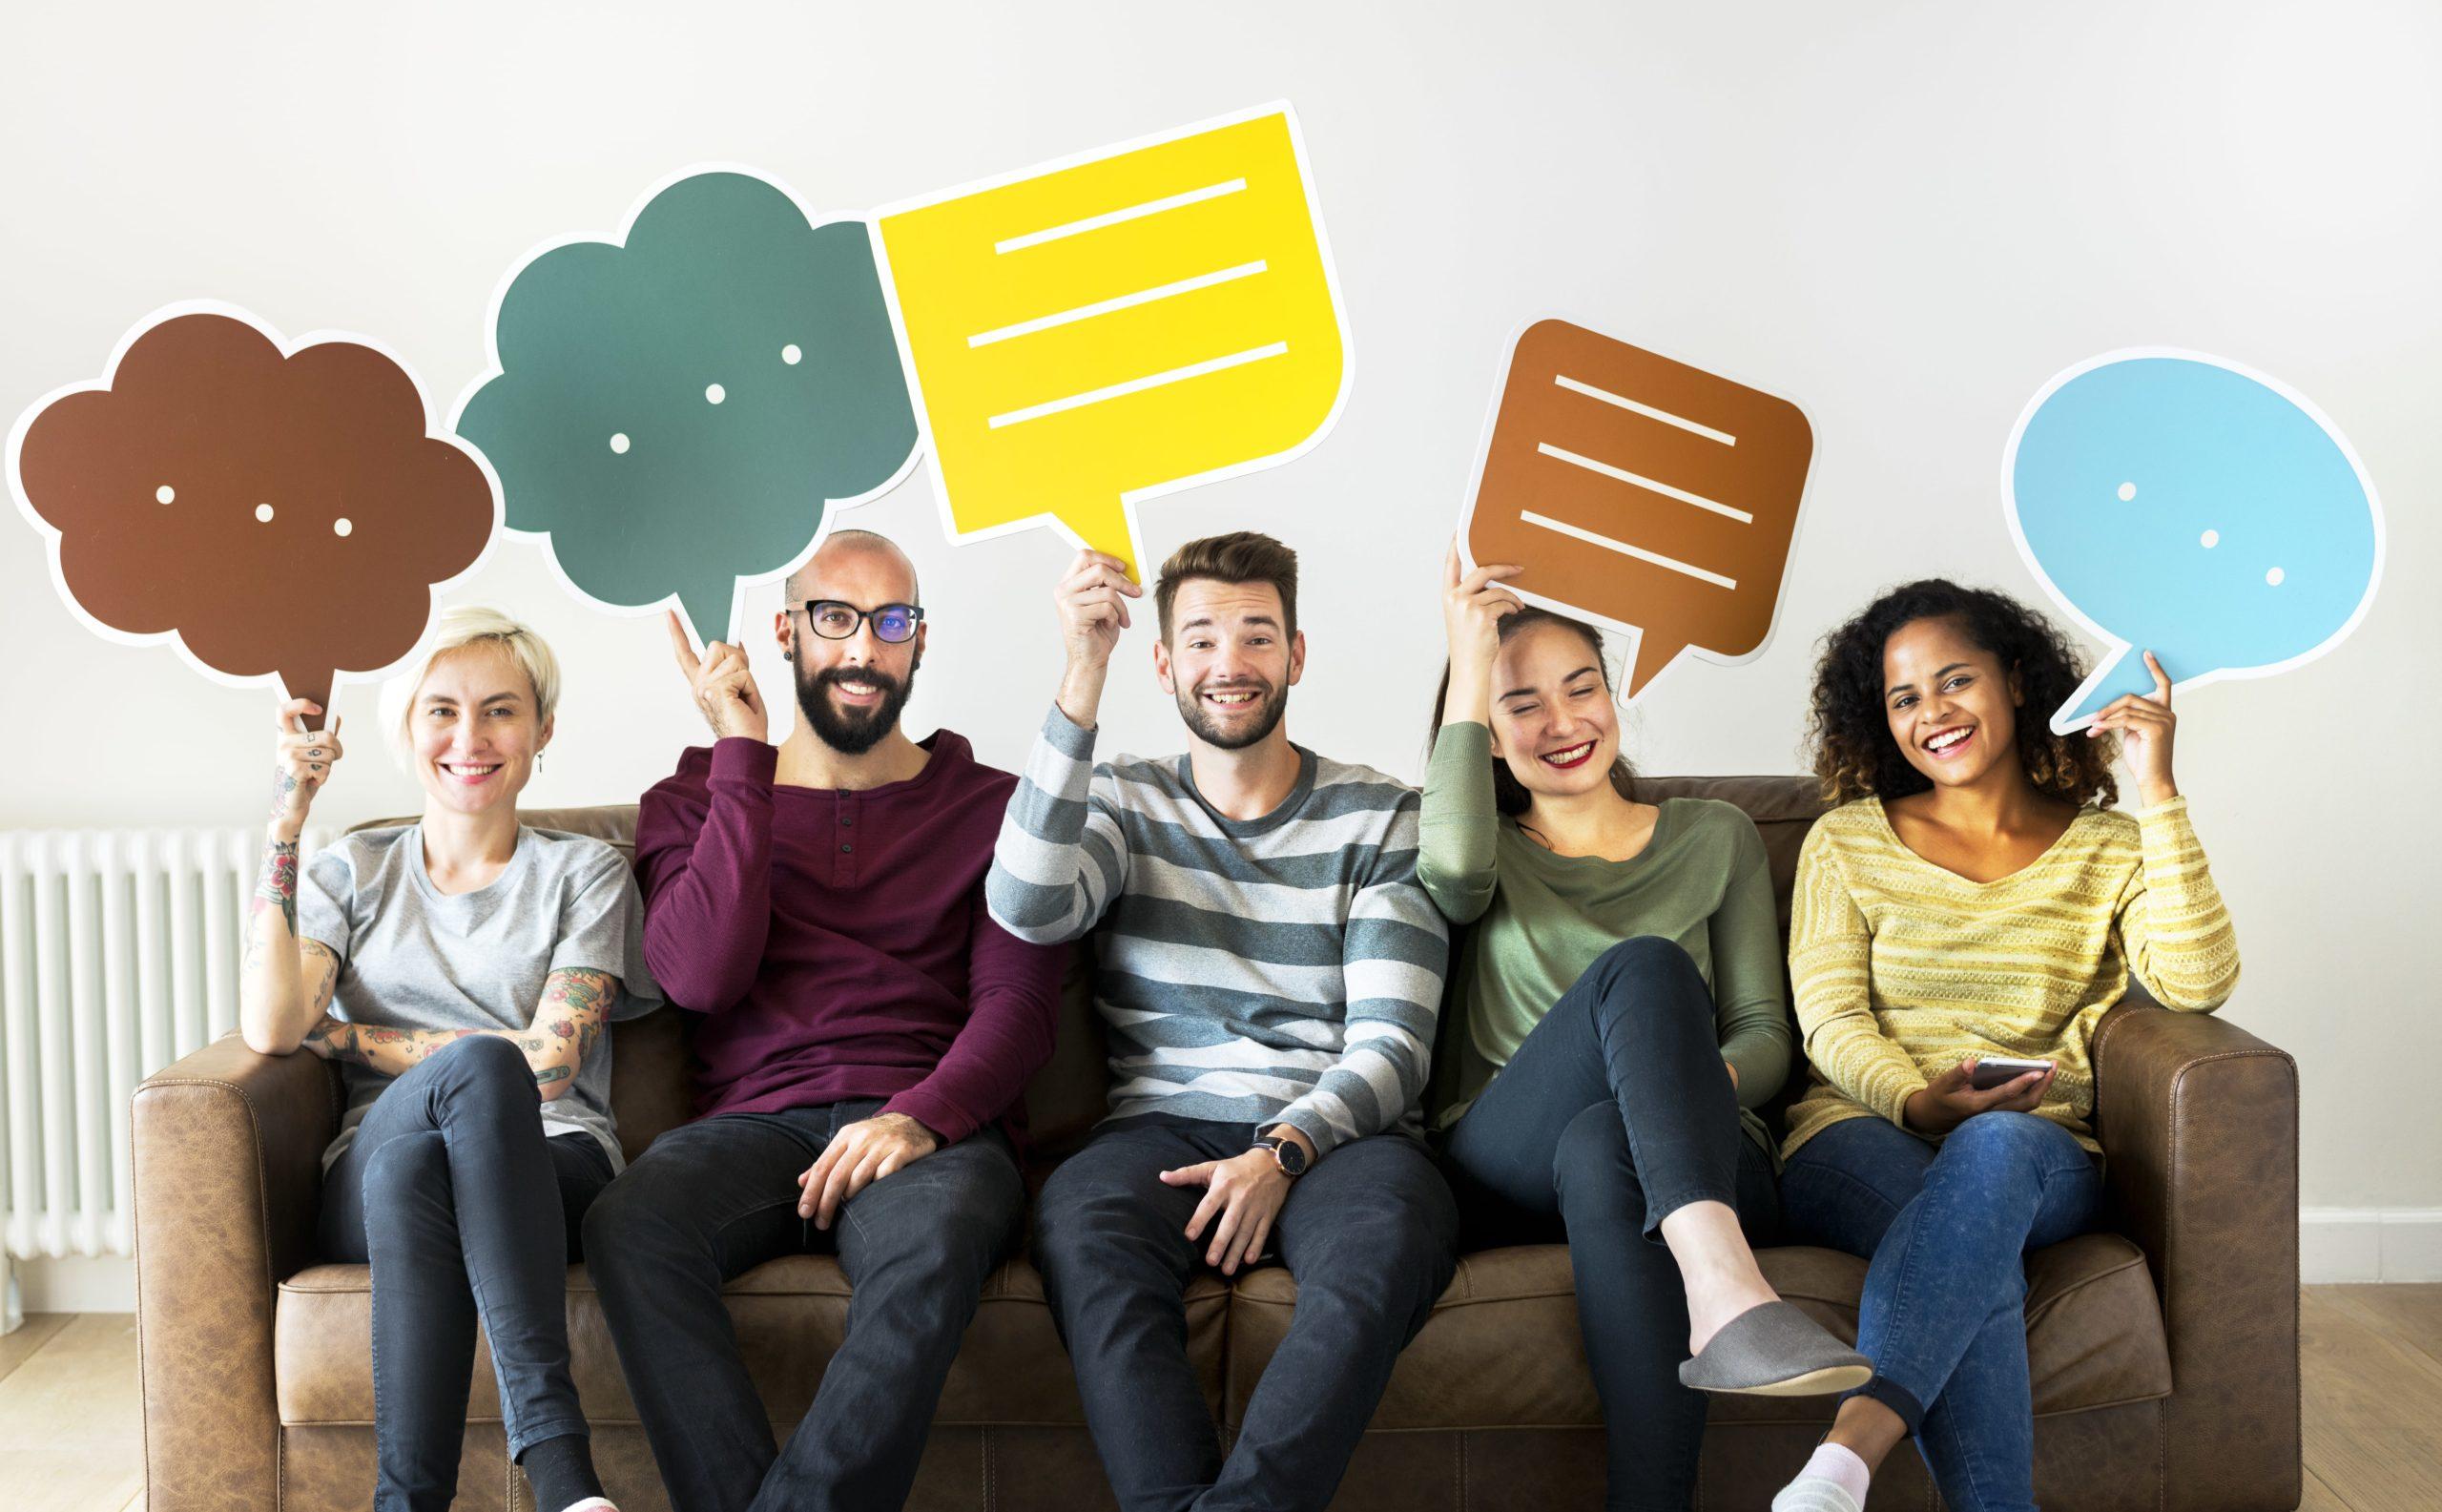 Cómo mejorar las habilidades sociales